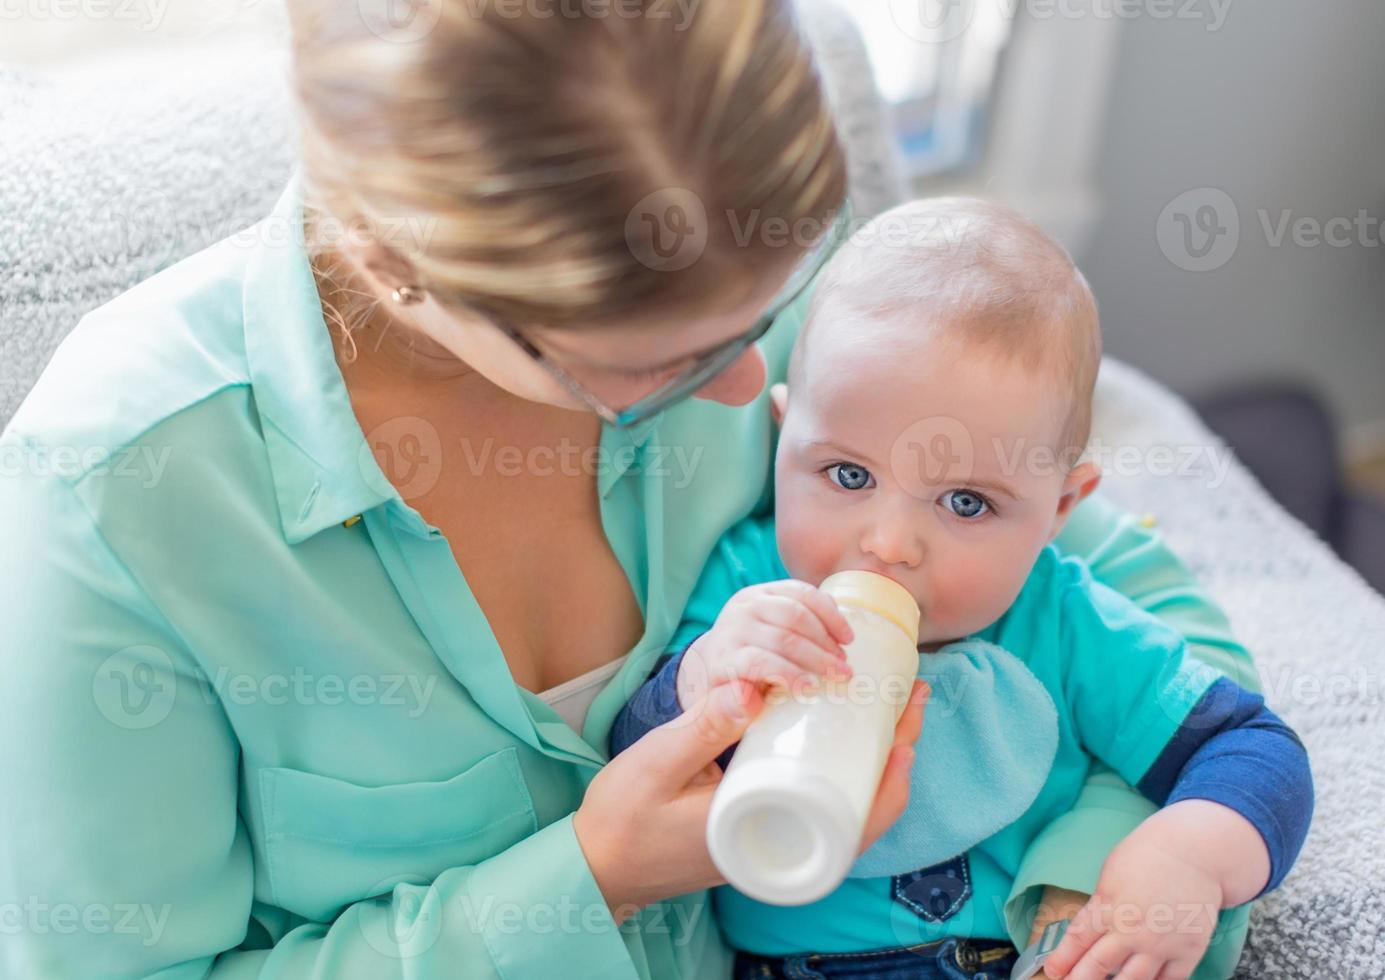 joli bébé au bord d'une bouteille photo